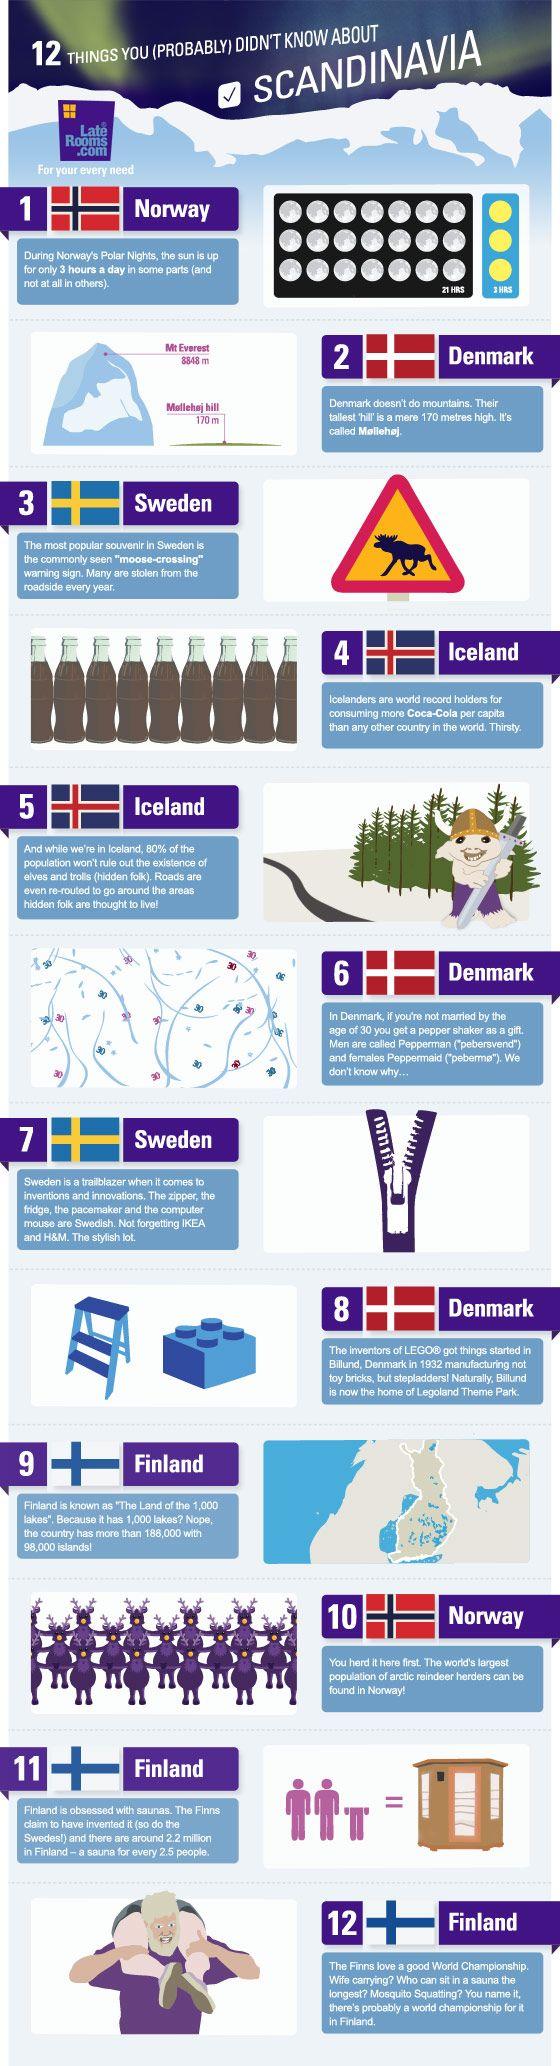 Scandinavia Infographic European Travel Travel Denmark